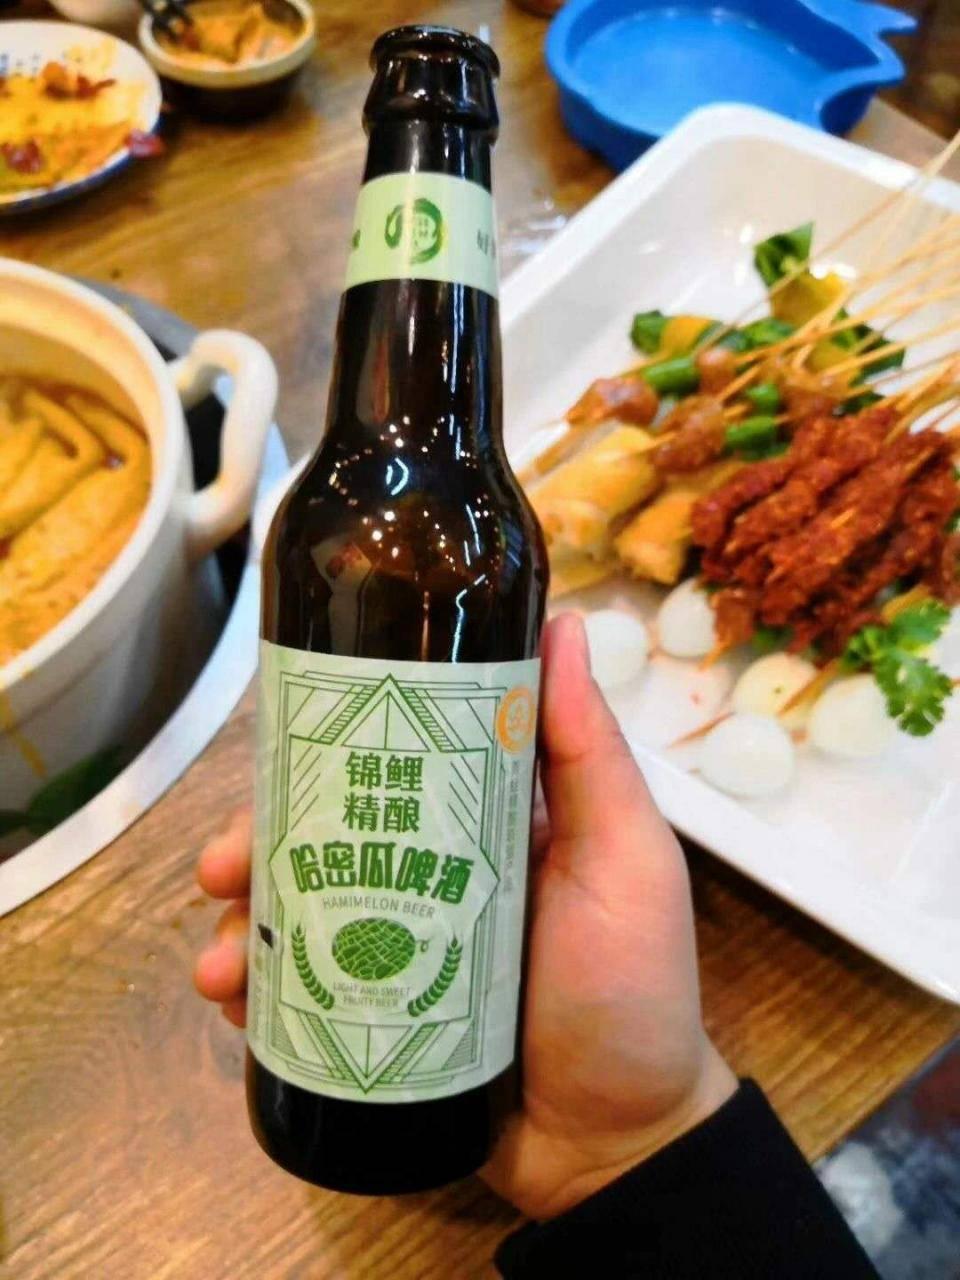 泉城精酿啤酒品牌-什么牌子的精酿啤酒比较好?-大麦丫-精酿啤酒连锁超市,工厂店平价酒吧免费加盟